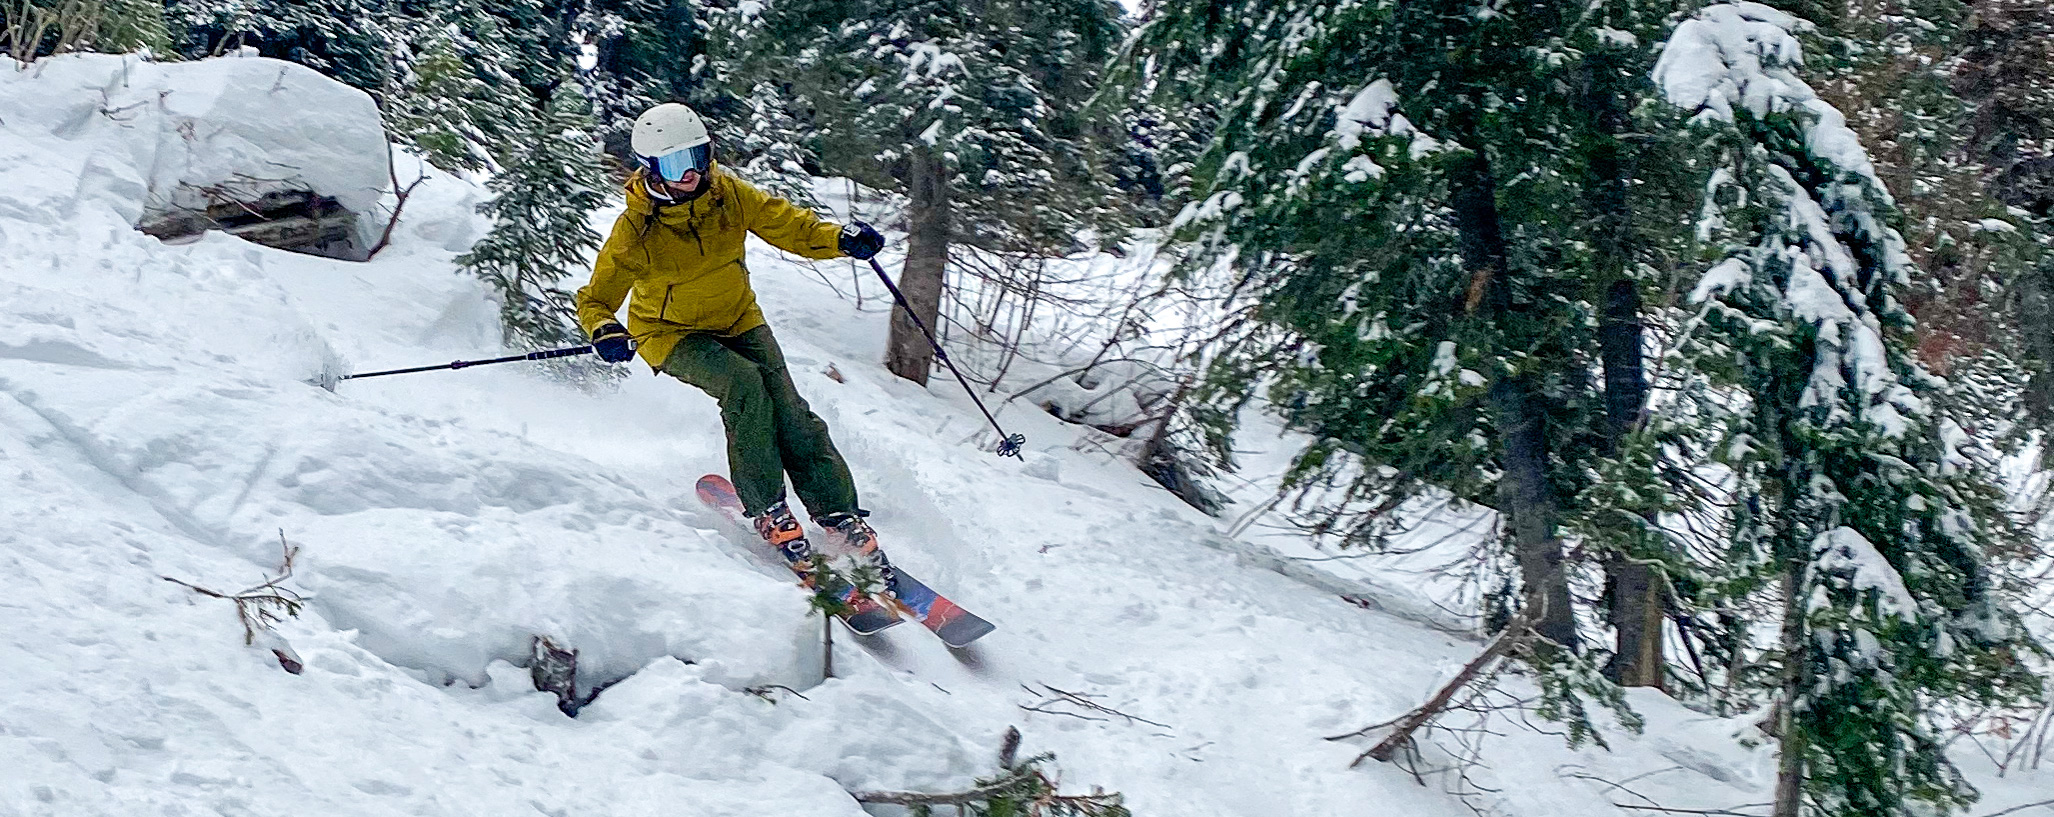 liberty-skis-origin-106-review-dirtbagdreams.com